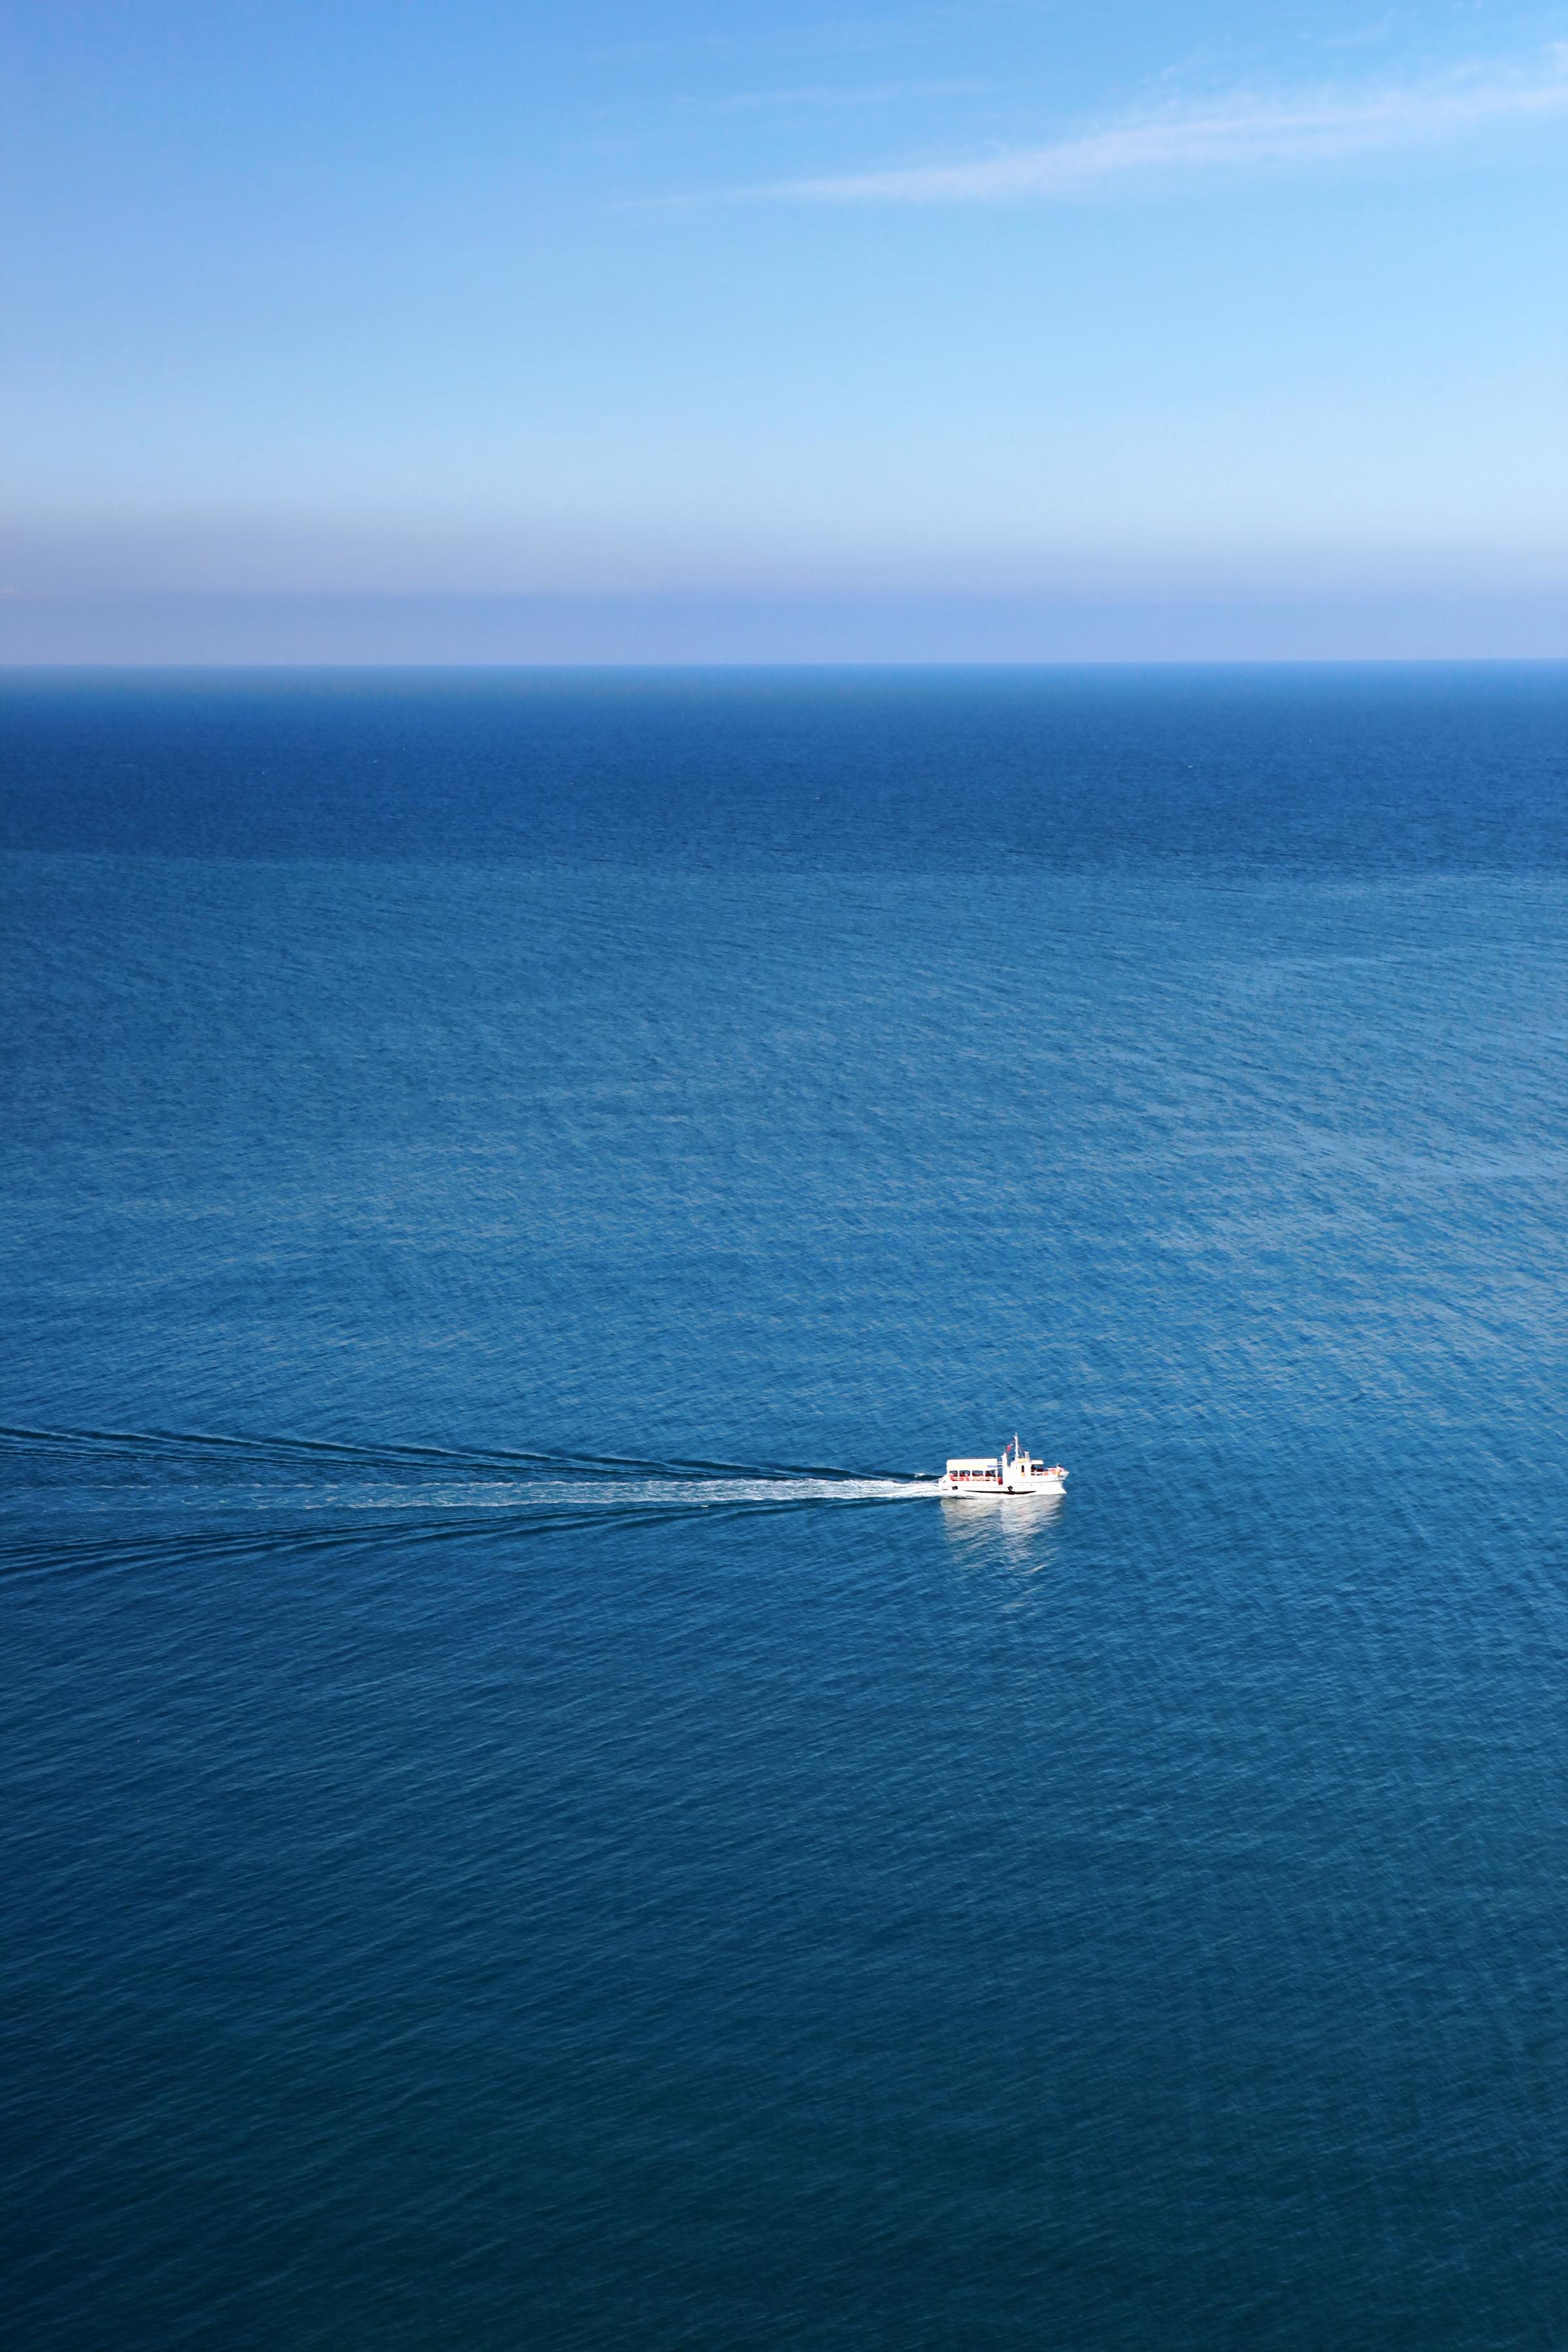 ship at sea, Blue, Scene, Water, Vessel, HQ Photo